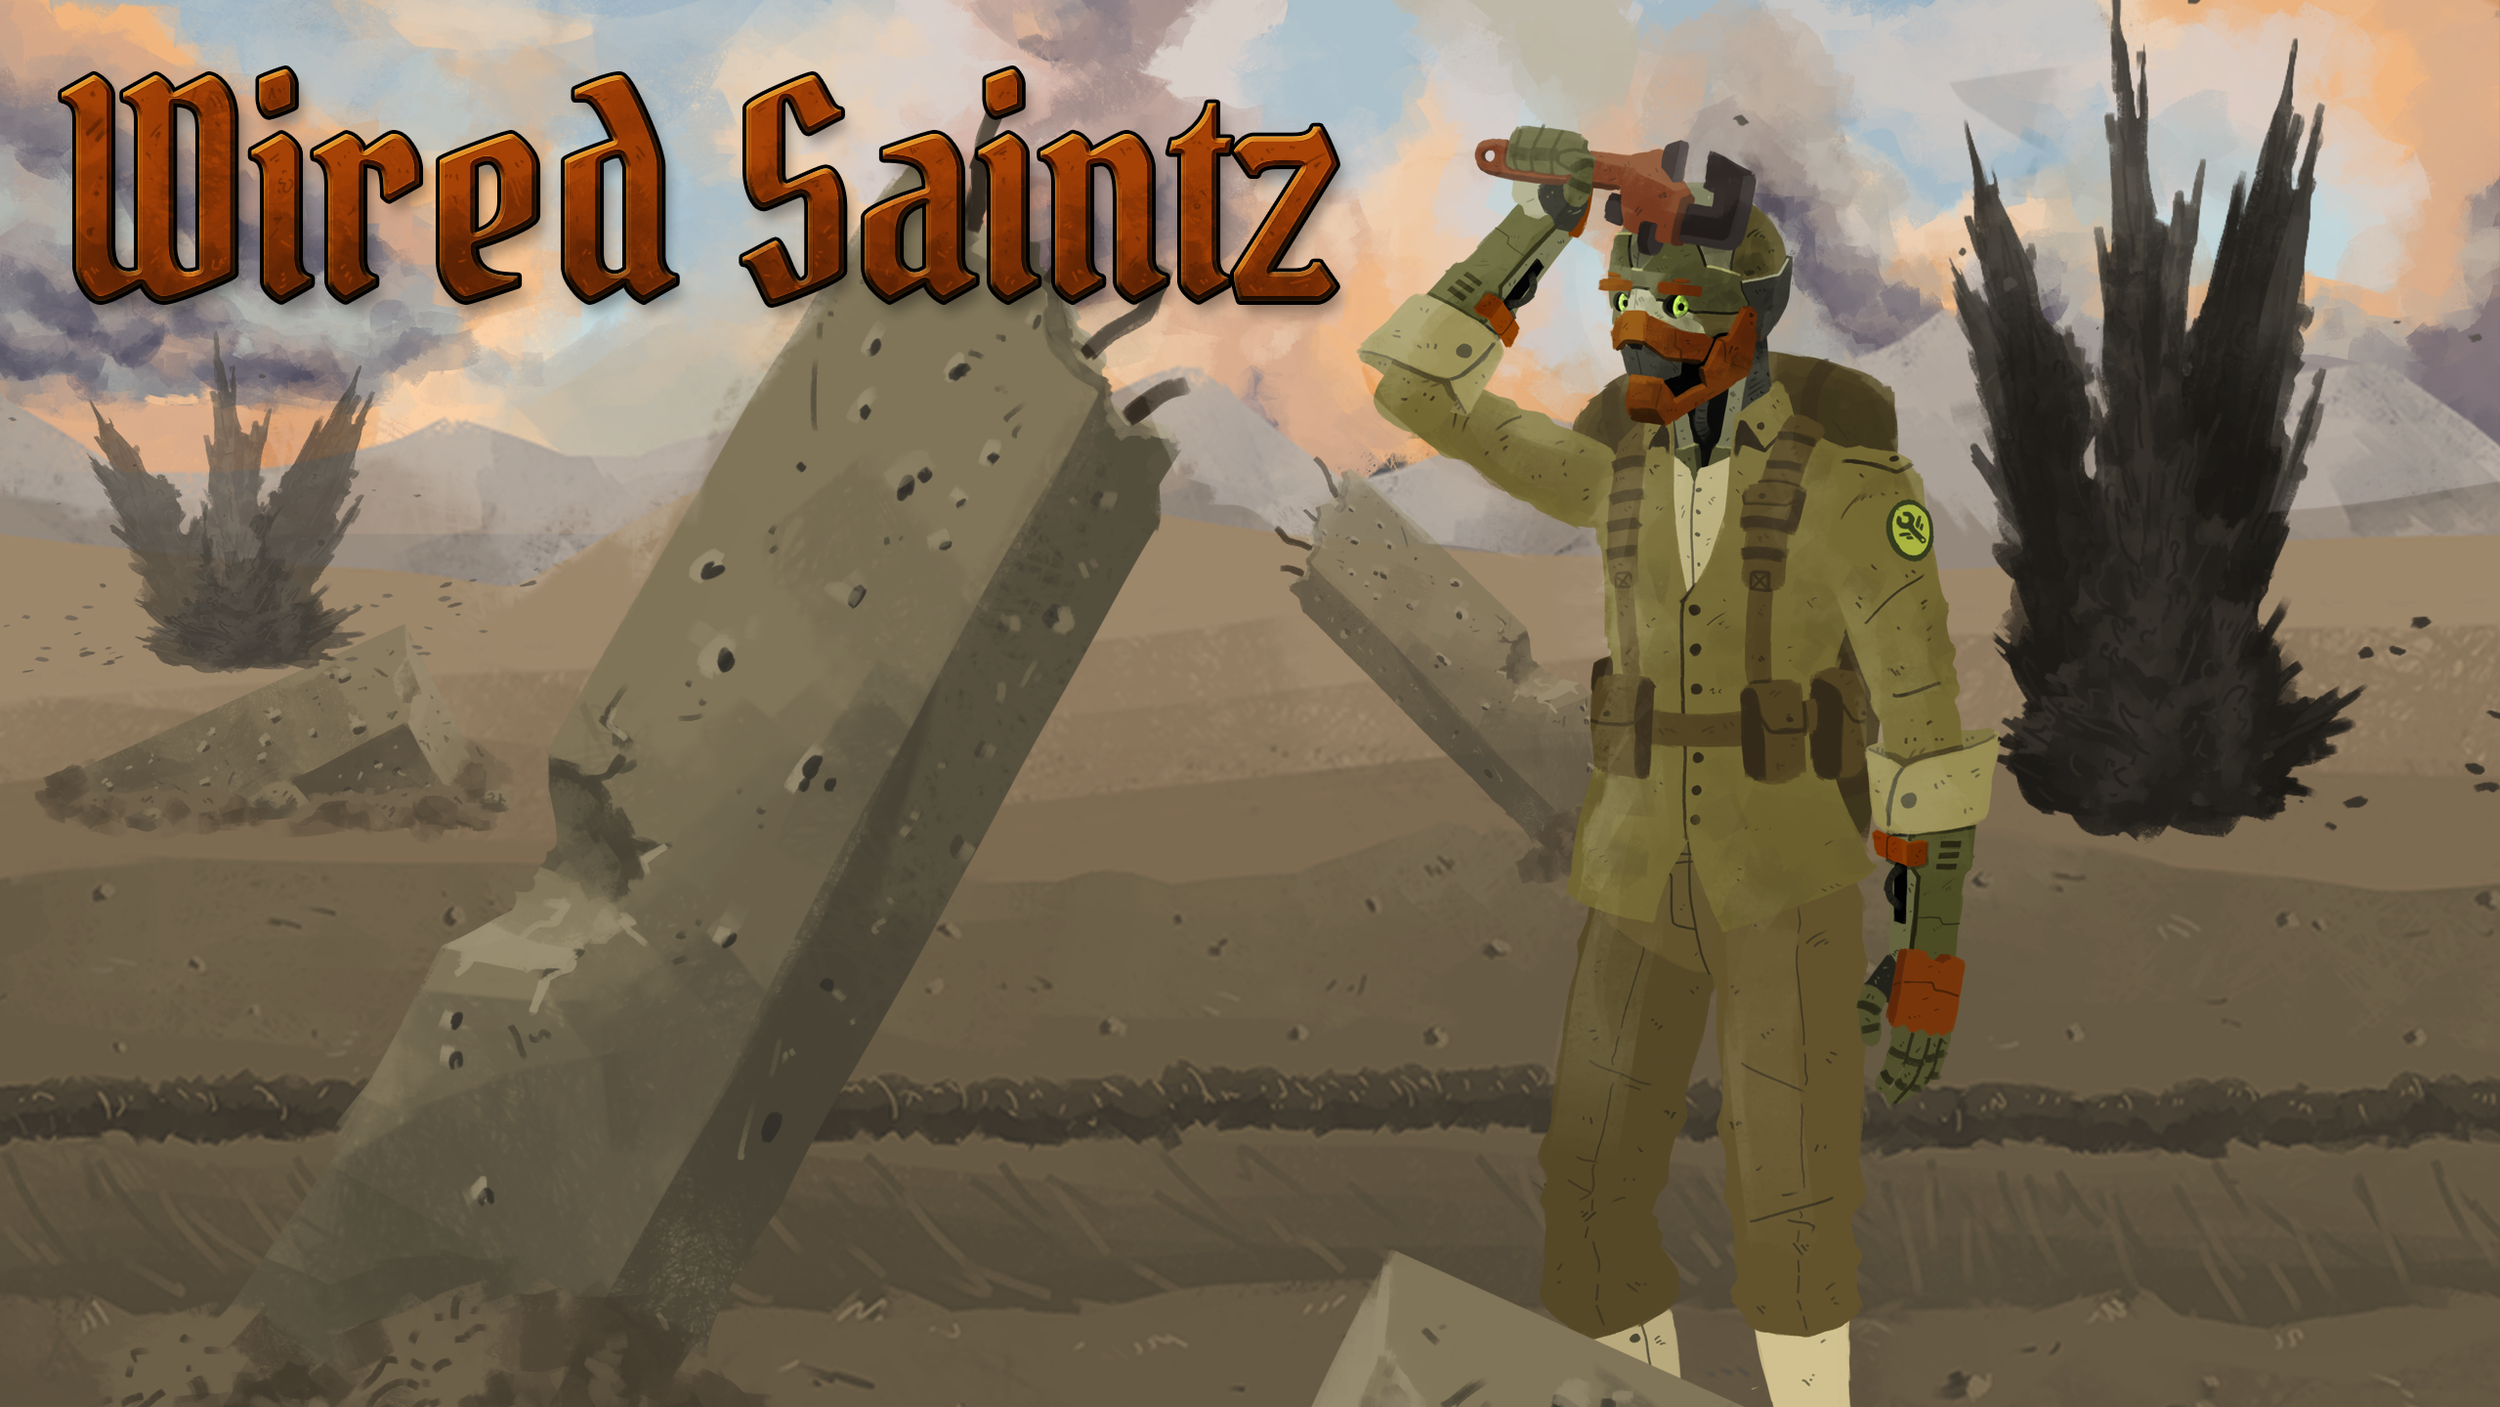 Wired Saintz